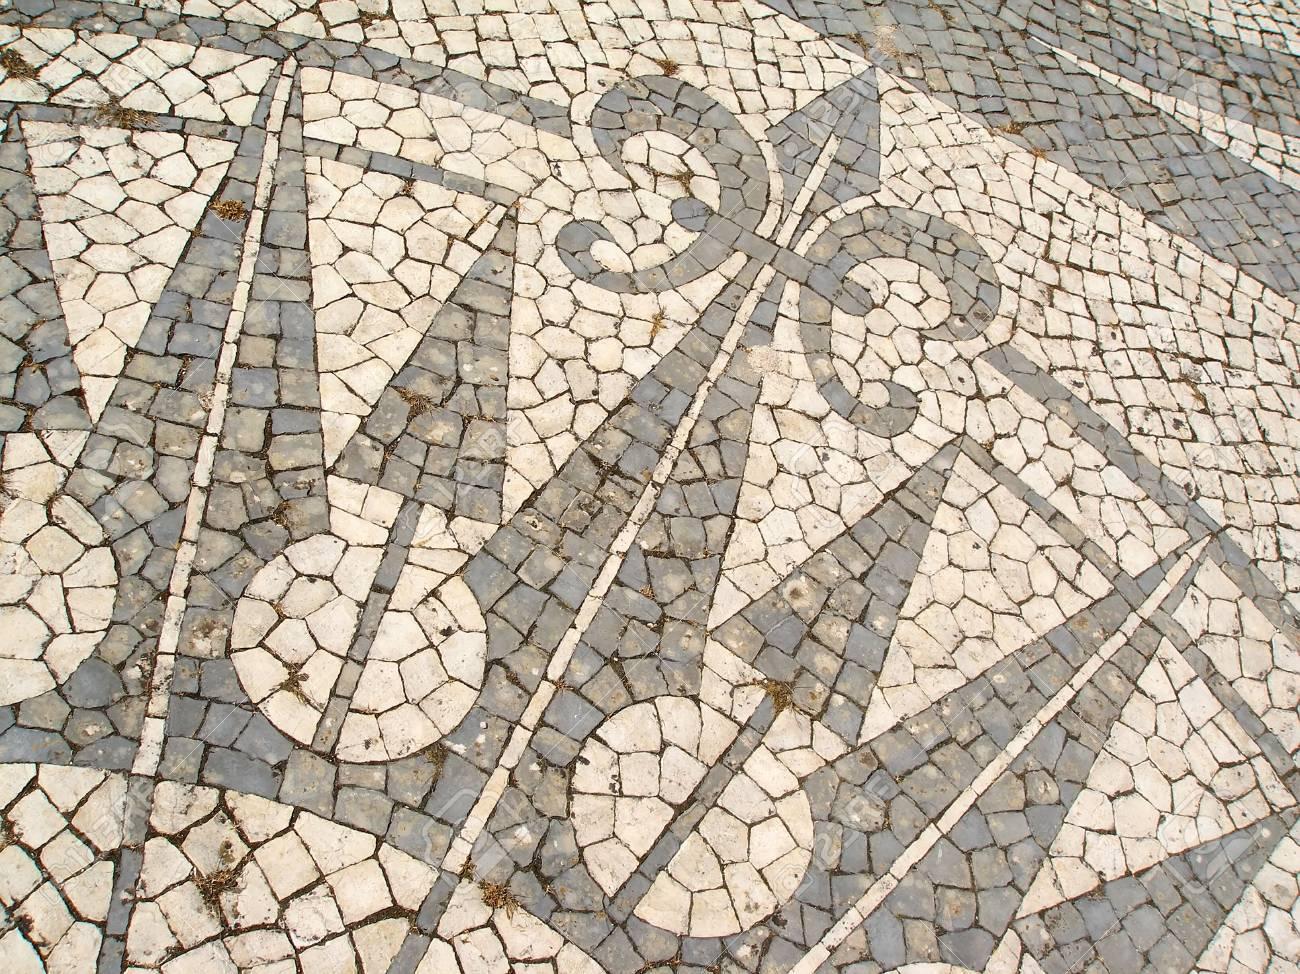 Mosaique Dans Un Trottoir Portugais Mettant En Vedette Une Rose Des Vents Banque D Images Et Photos Libres De Droits Image 6361749